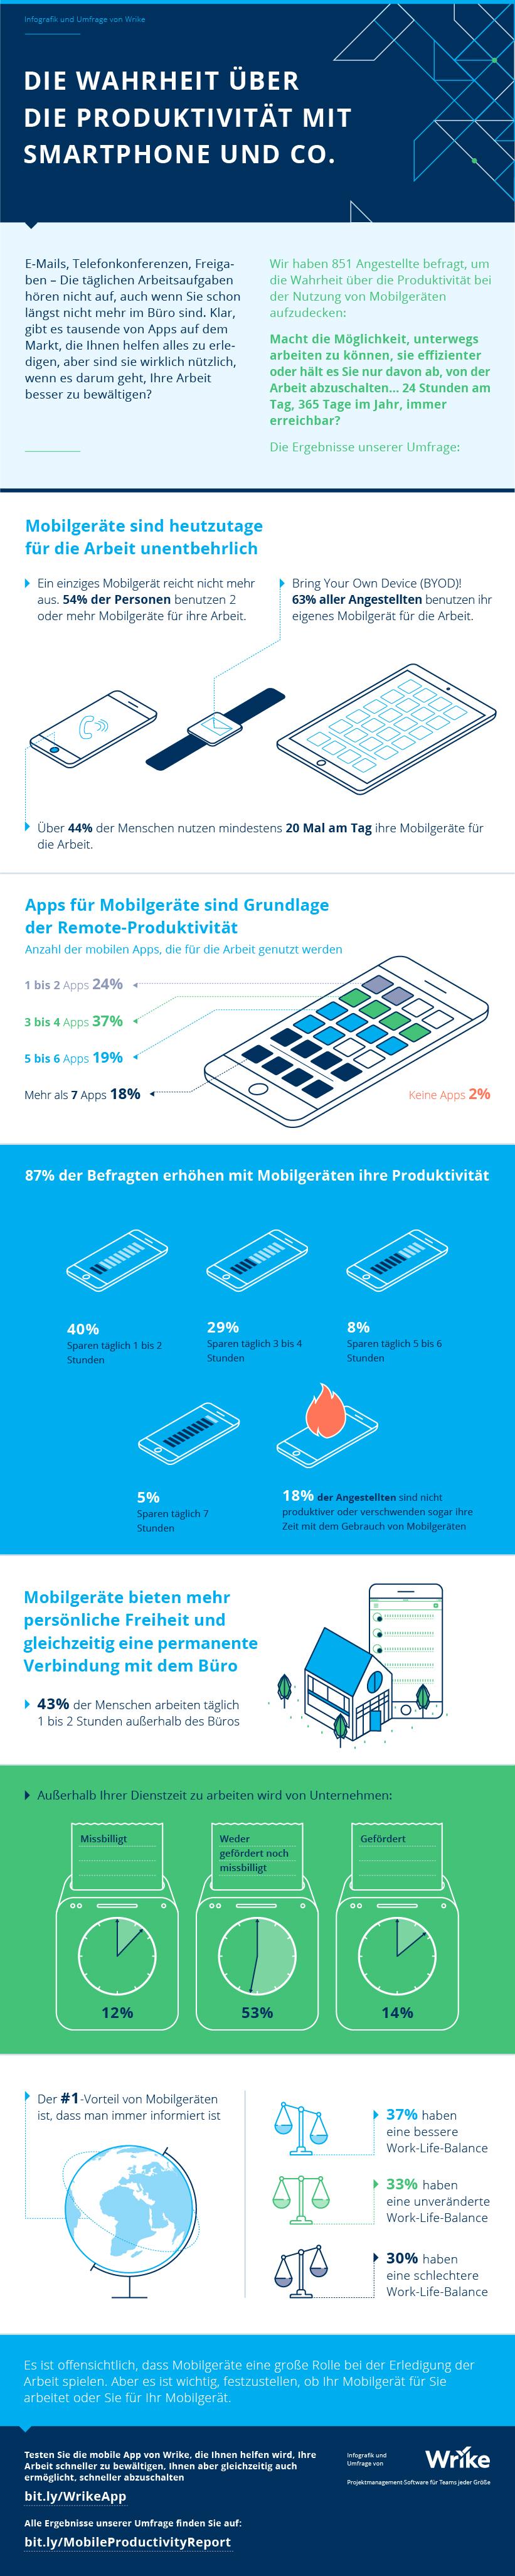 Hilft Ihr Handy Ihnen dabei, produktiver zu sein? (Infografik)